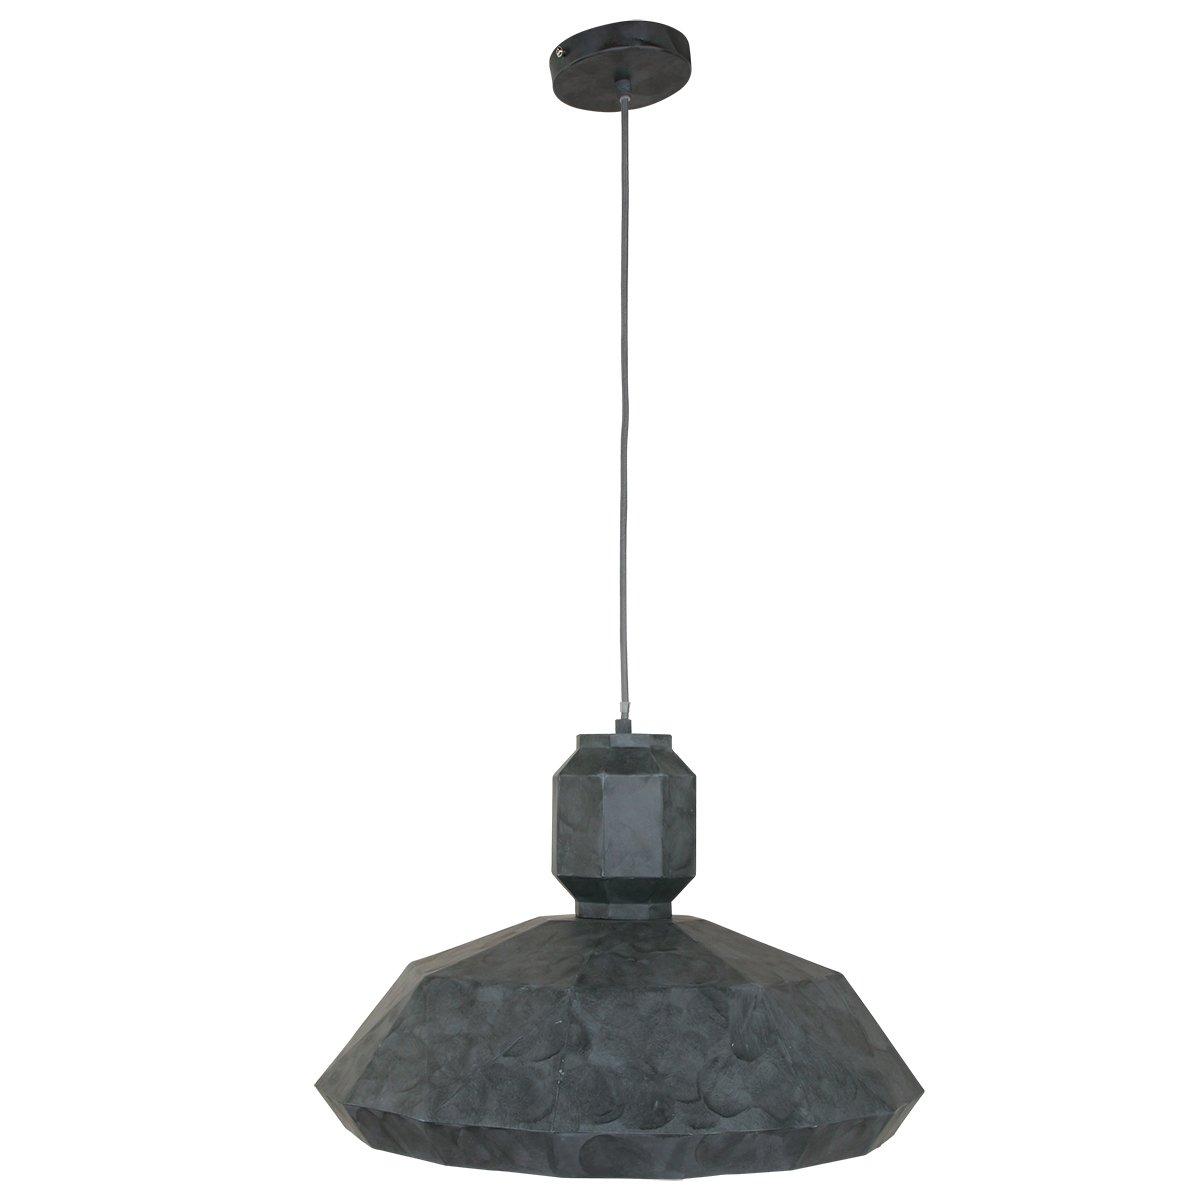 Steinhauer Hanglamp Mexlite 48 industrieel Steinhauer 7736GR